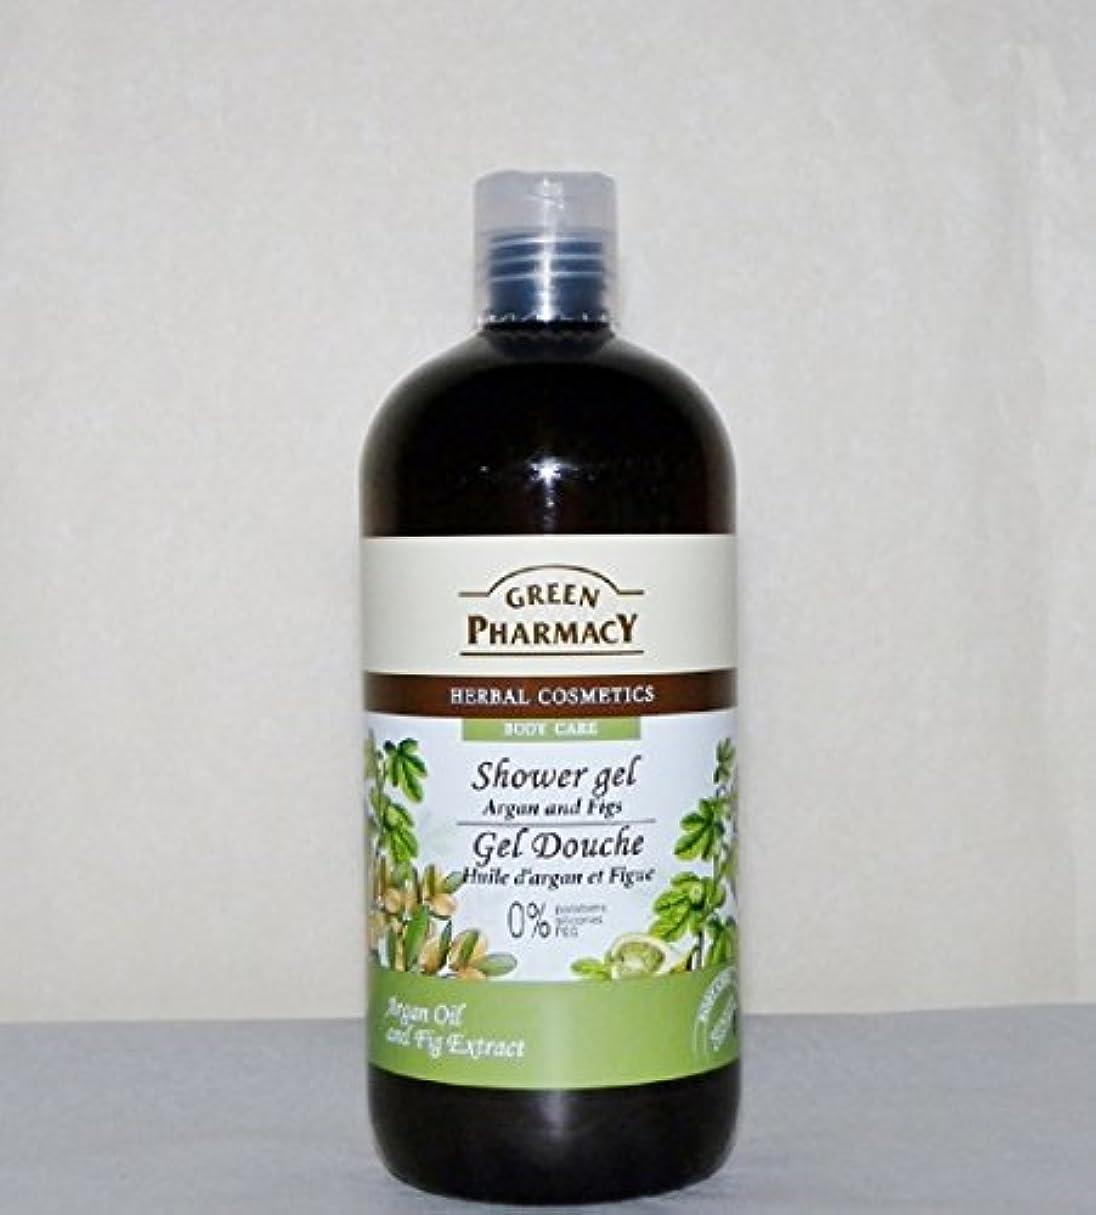 抵当無意味土砂降りElfa Pharm Green Pharmacy グリーンファーマシー Shower Gel シャワージェル Argan Oil&Figs